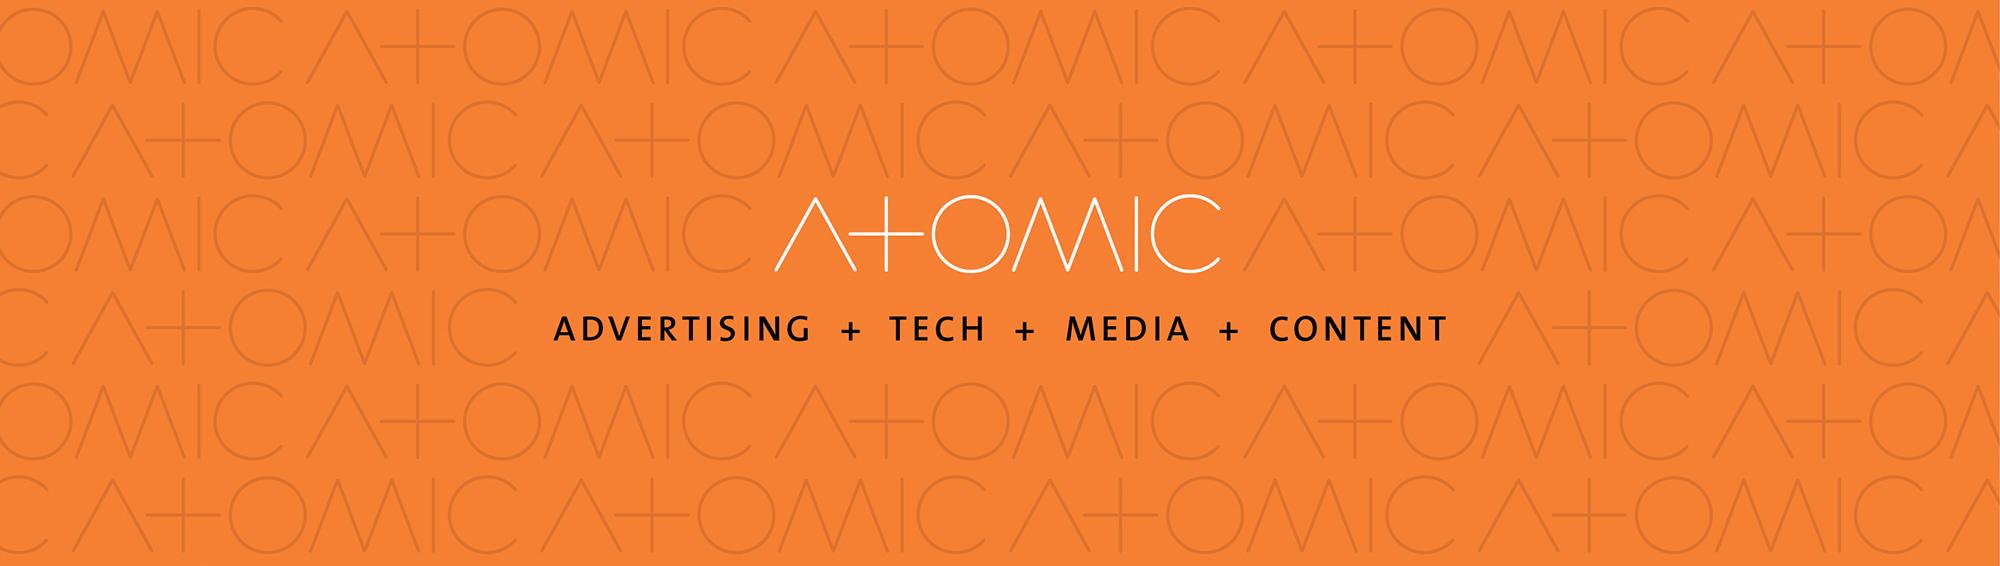 AToMiC Awards